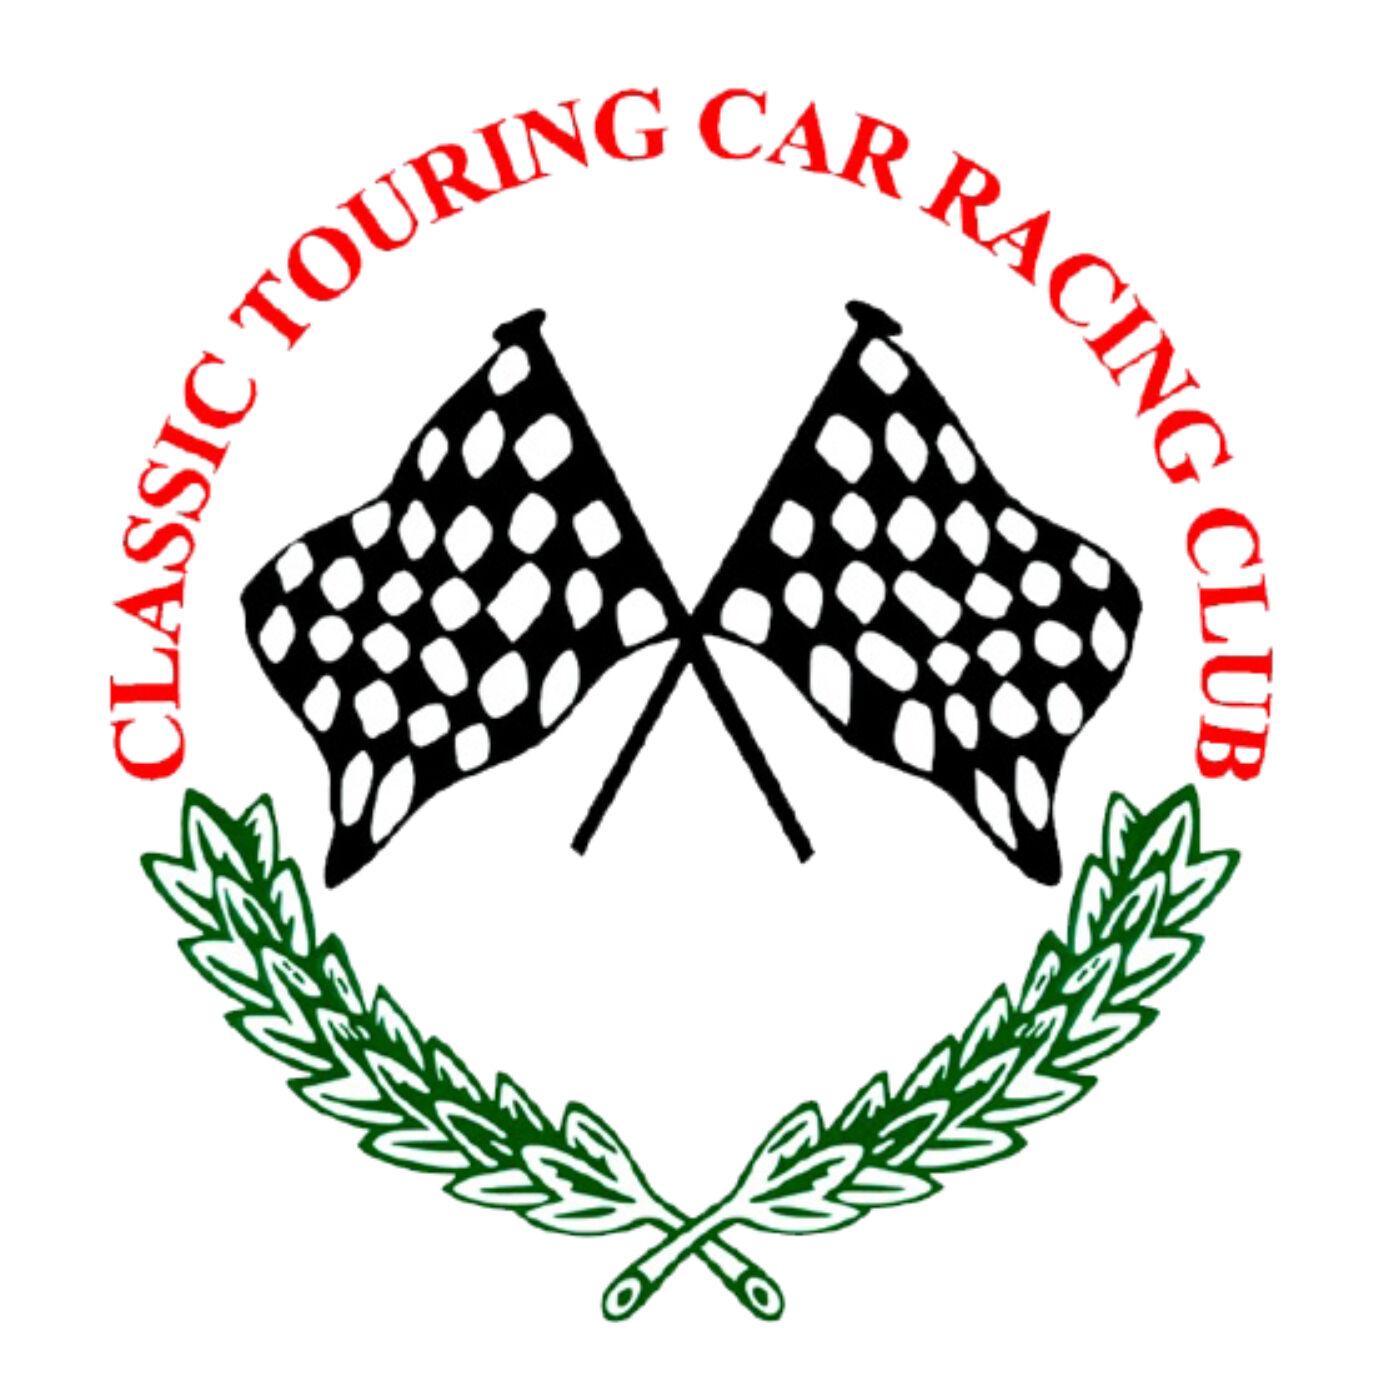 Stuart Caie - Classic Touring Car Championship 2021